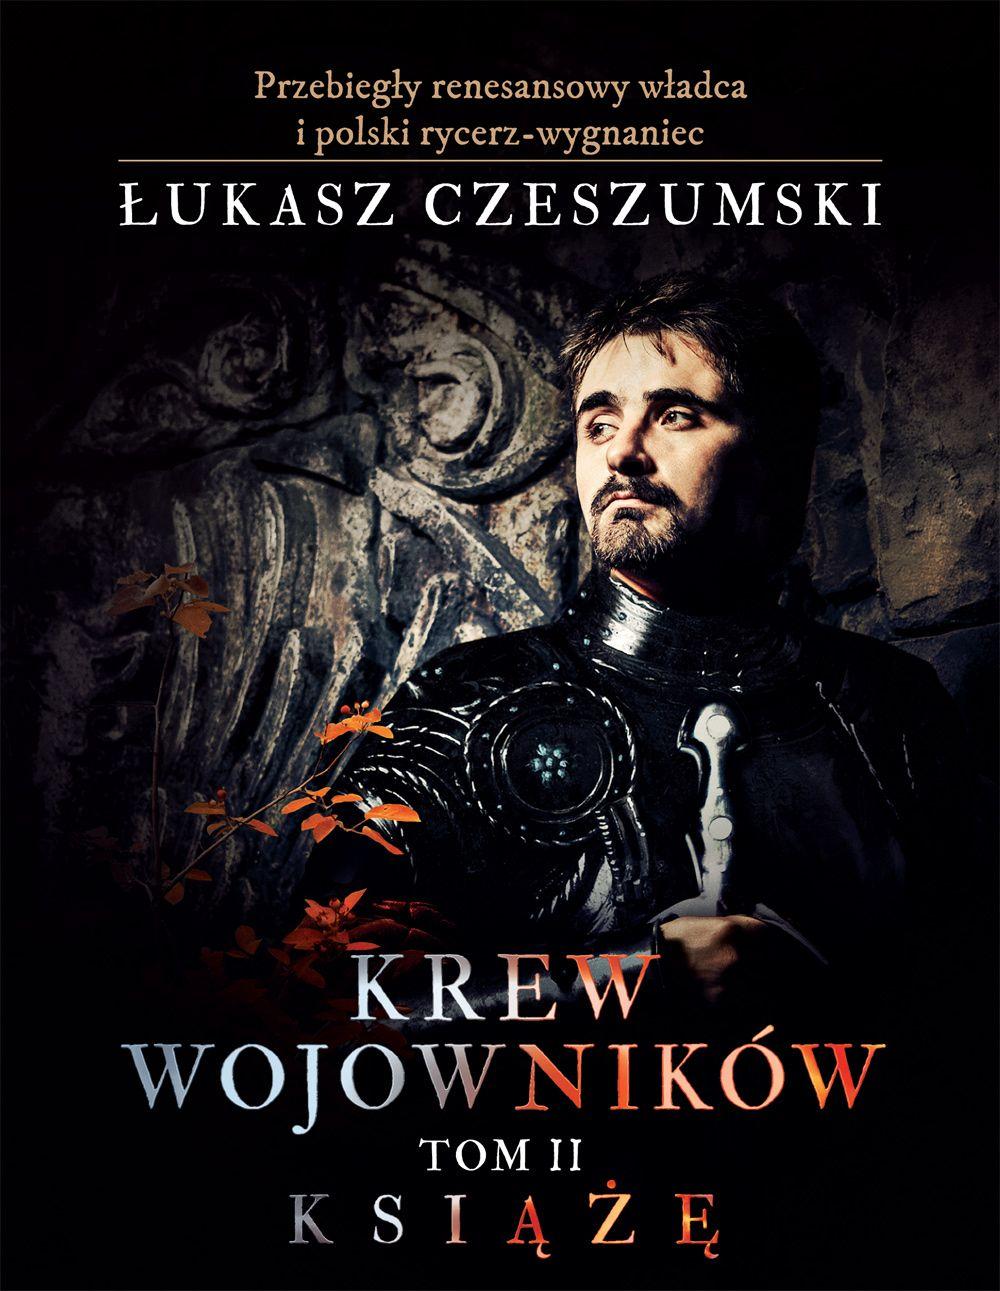 Książkę Łukasza Czeszumskiego możecie kupić na jego stronie.